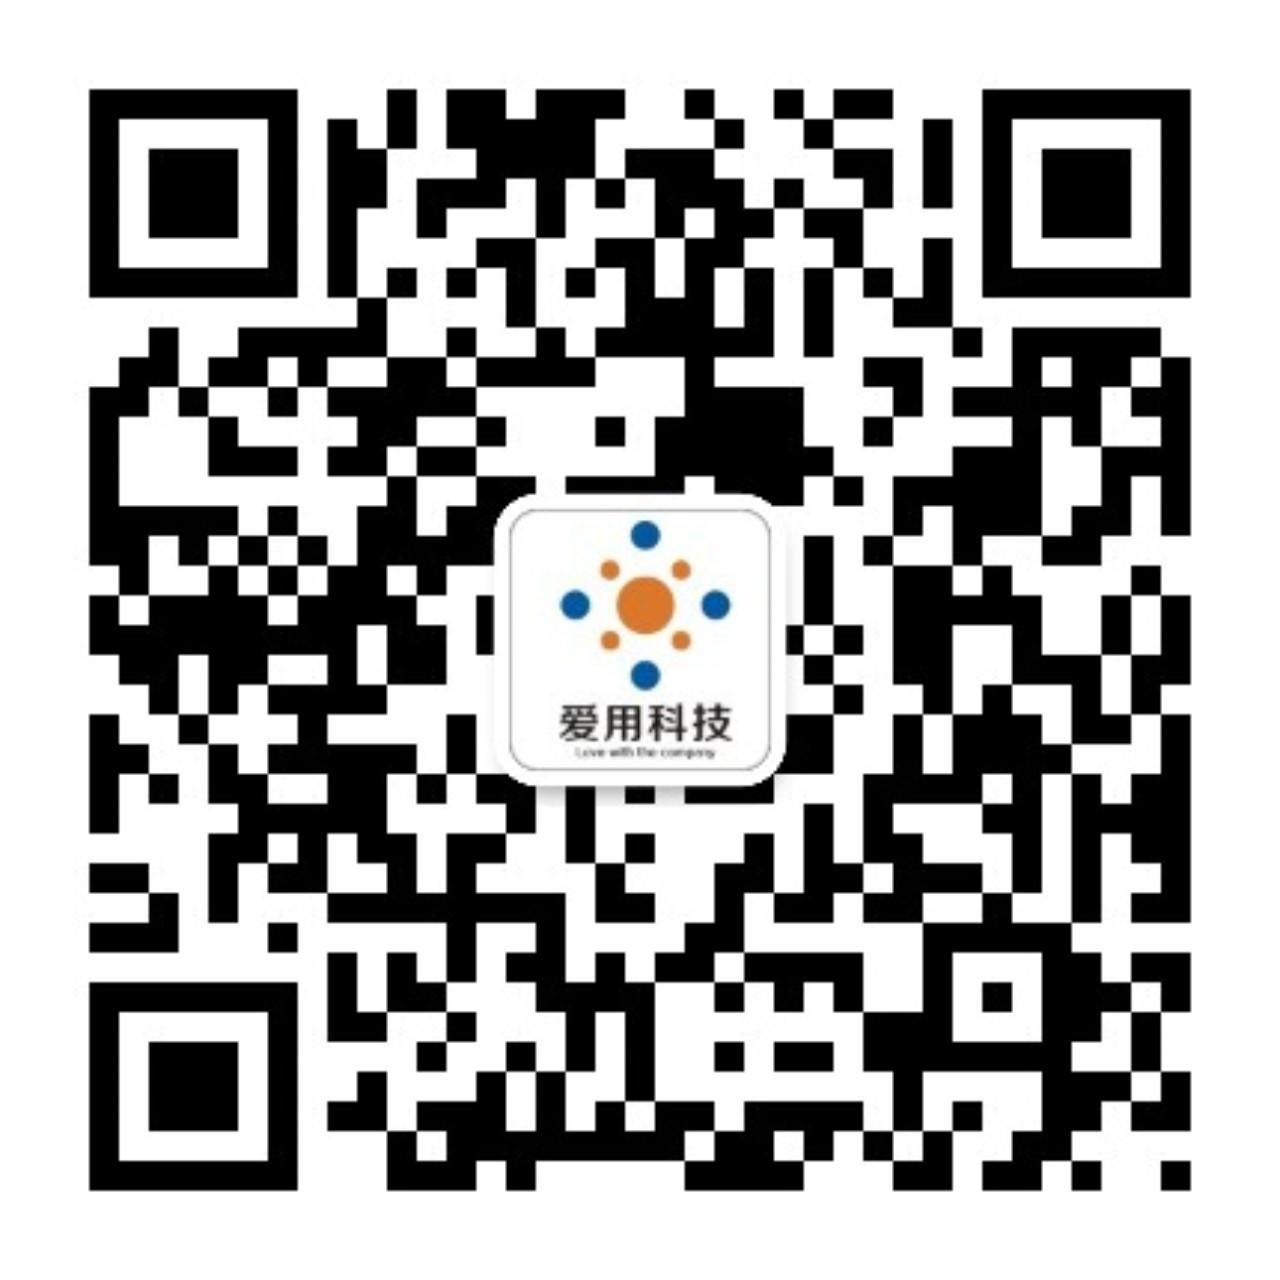 郏县之窗网官方微信